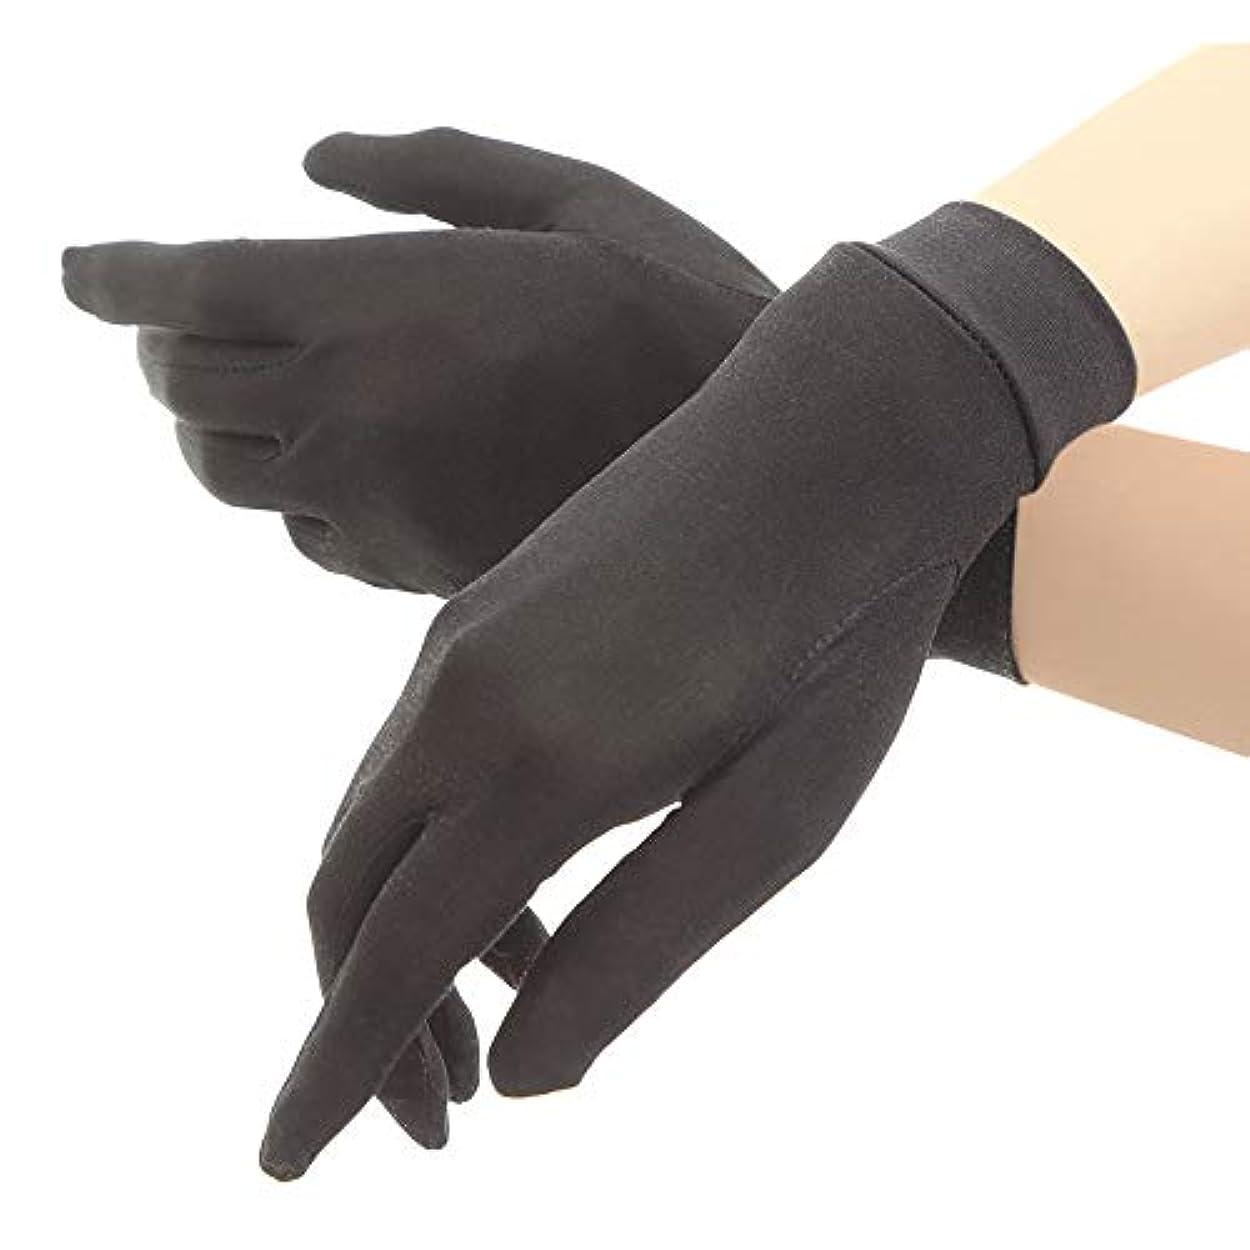 アシスト壁少なくともシルク手袋 レディース 手袋 シルク 絹 ハンド ケア 保湿 紫外線 肌荒れ 乾燥 サイズアップで手指にマッチ 【macch】